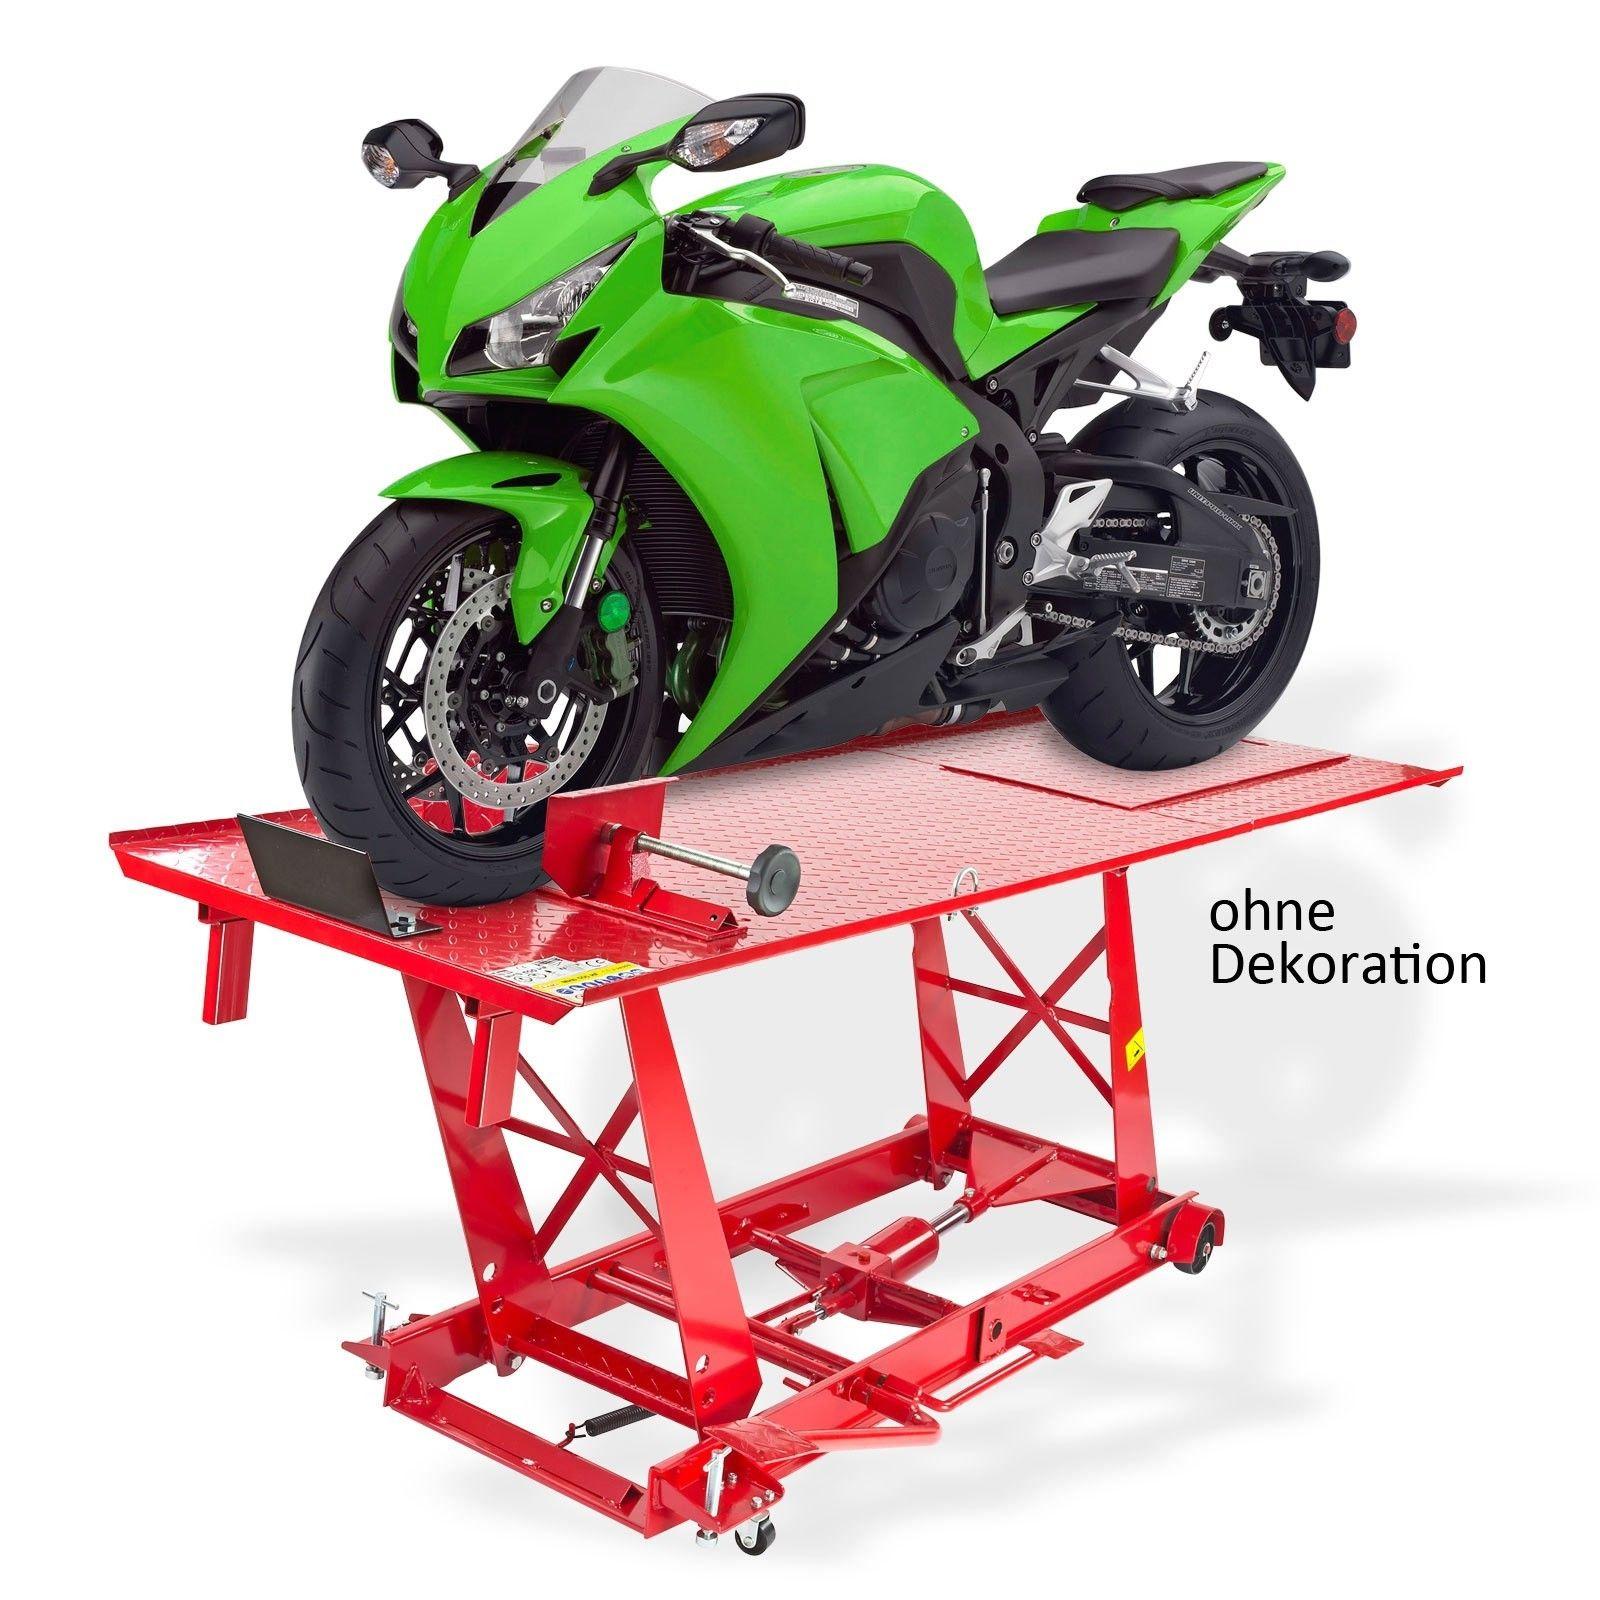 Motorradhebebühne Hebebühne DHB1000 454 kg Übergröße Chopper hydraulisch